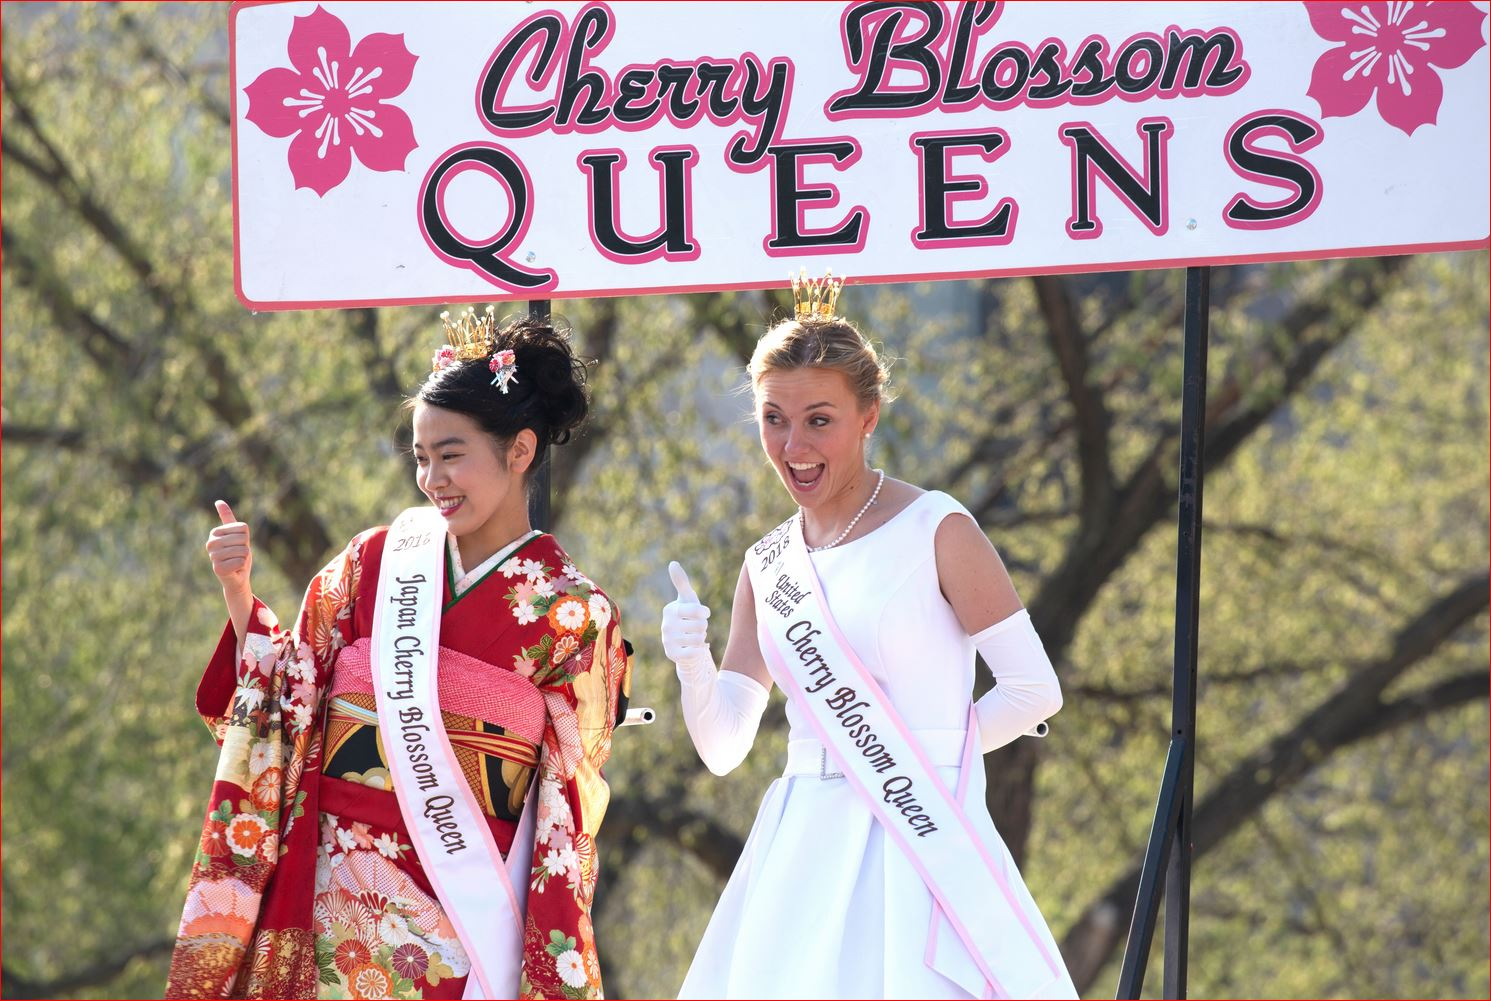 VT Cherry Blossom Queens_1525886864631.JPG.jpg